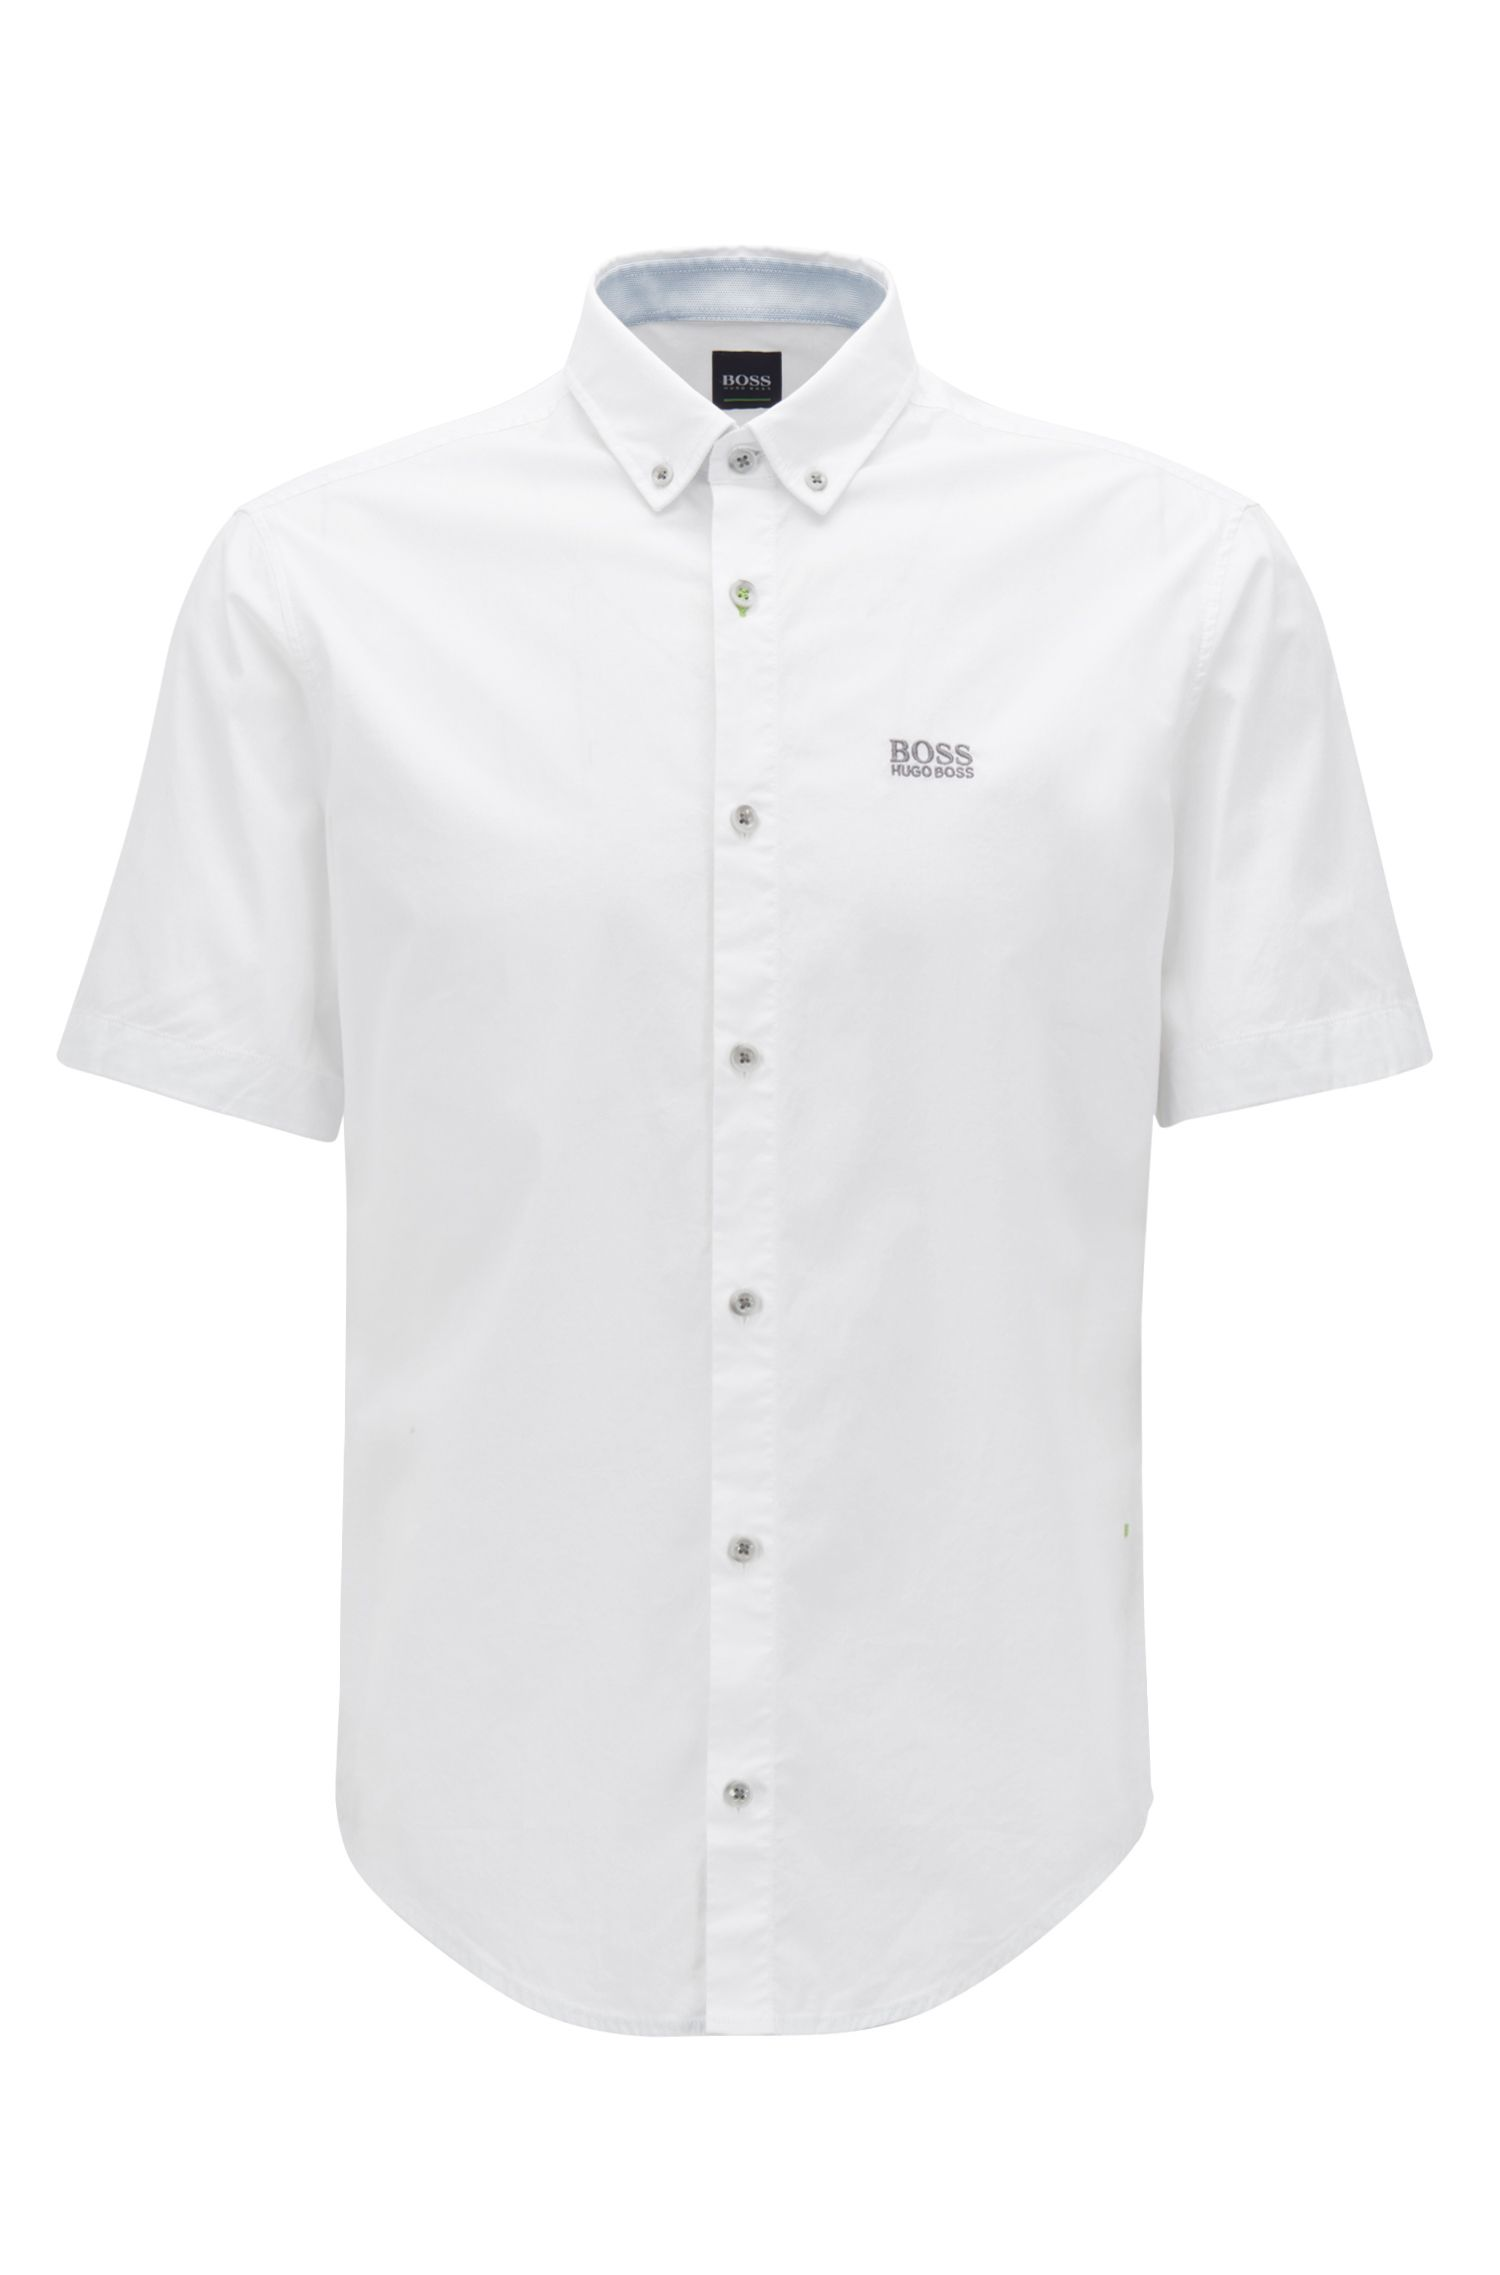 Regular-Fit Kurzarm-Hemd aus feuchtigkeitsableitender Stretch-Baumwolle, Weiß